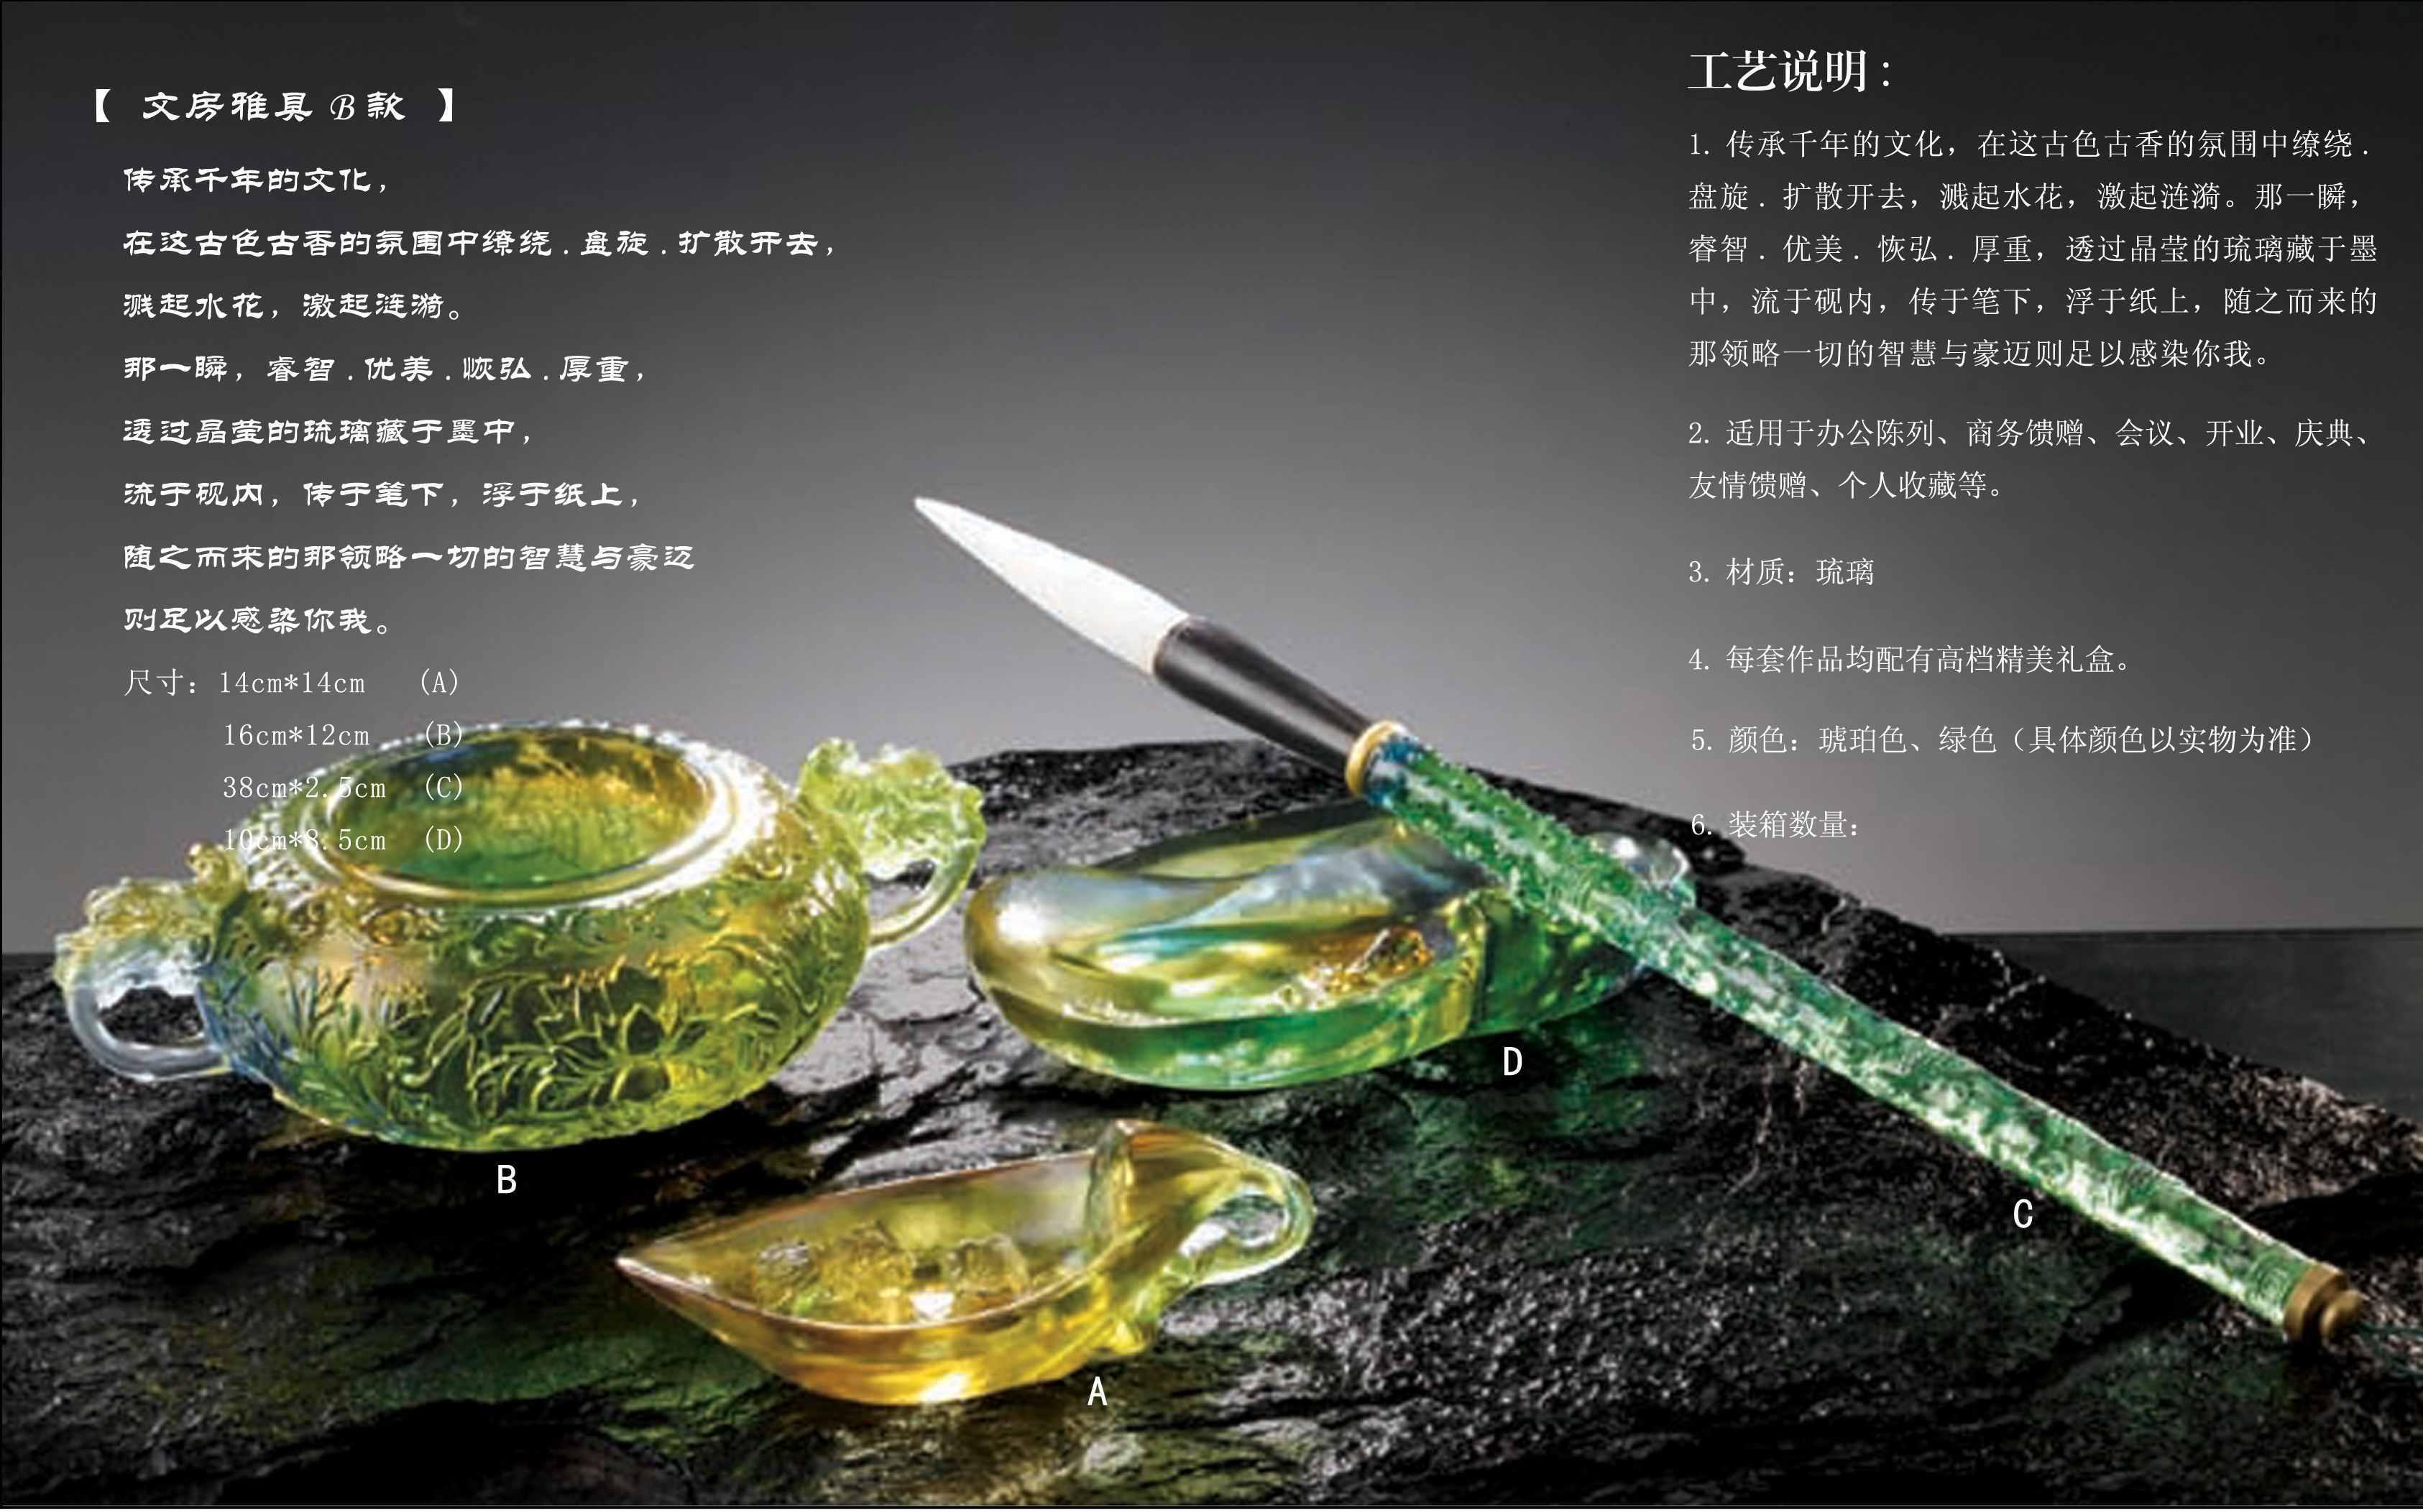 古法琉璃摆件 正品BX琉璃 文房雅具B款 送老师 送领导 毛笔